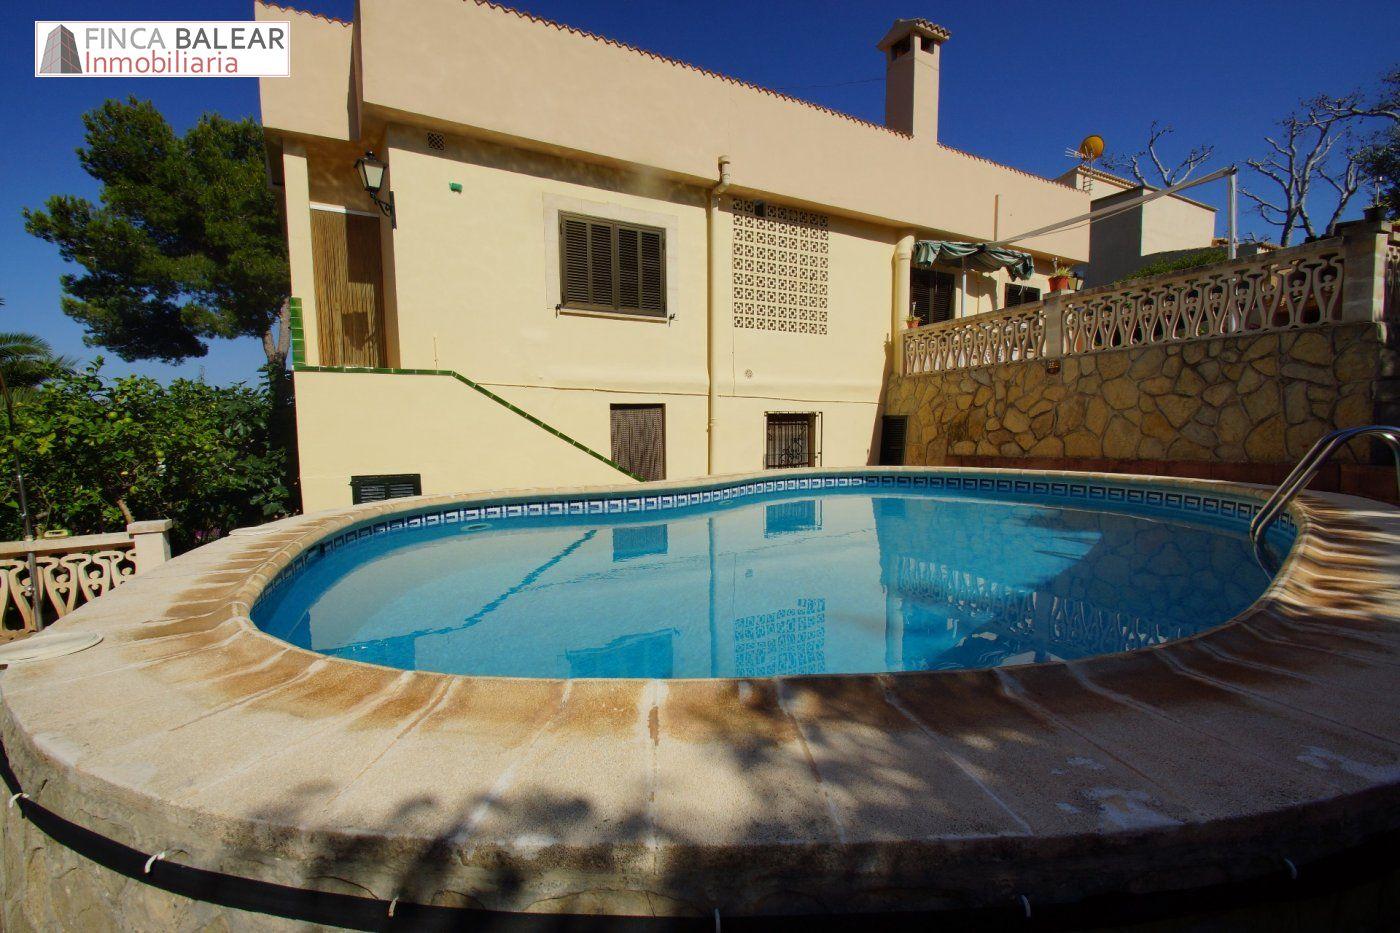 Casa  Calvia ,el toro. Chalet unifamiliar con piscina en el toro (calvia)